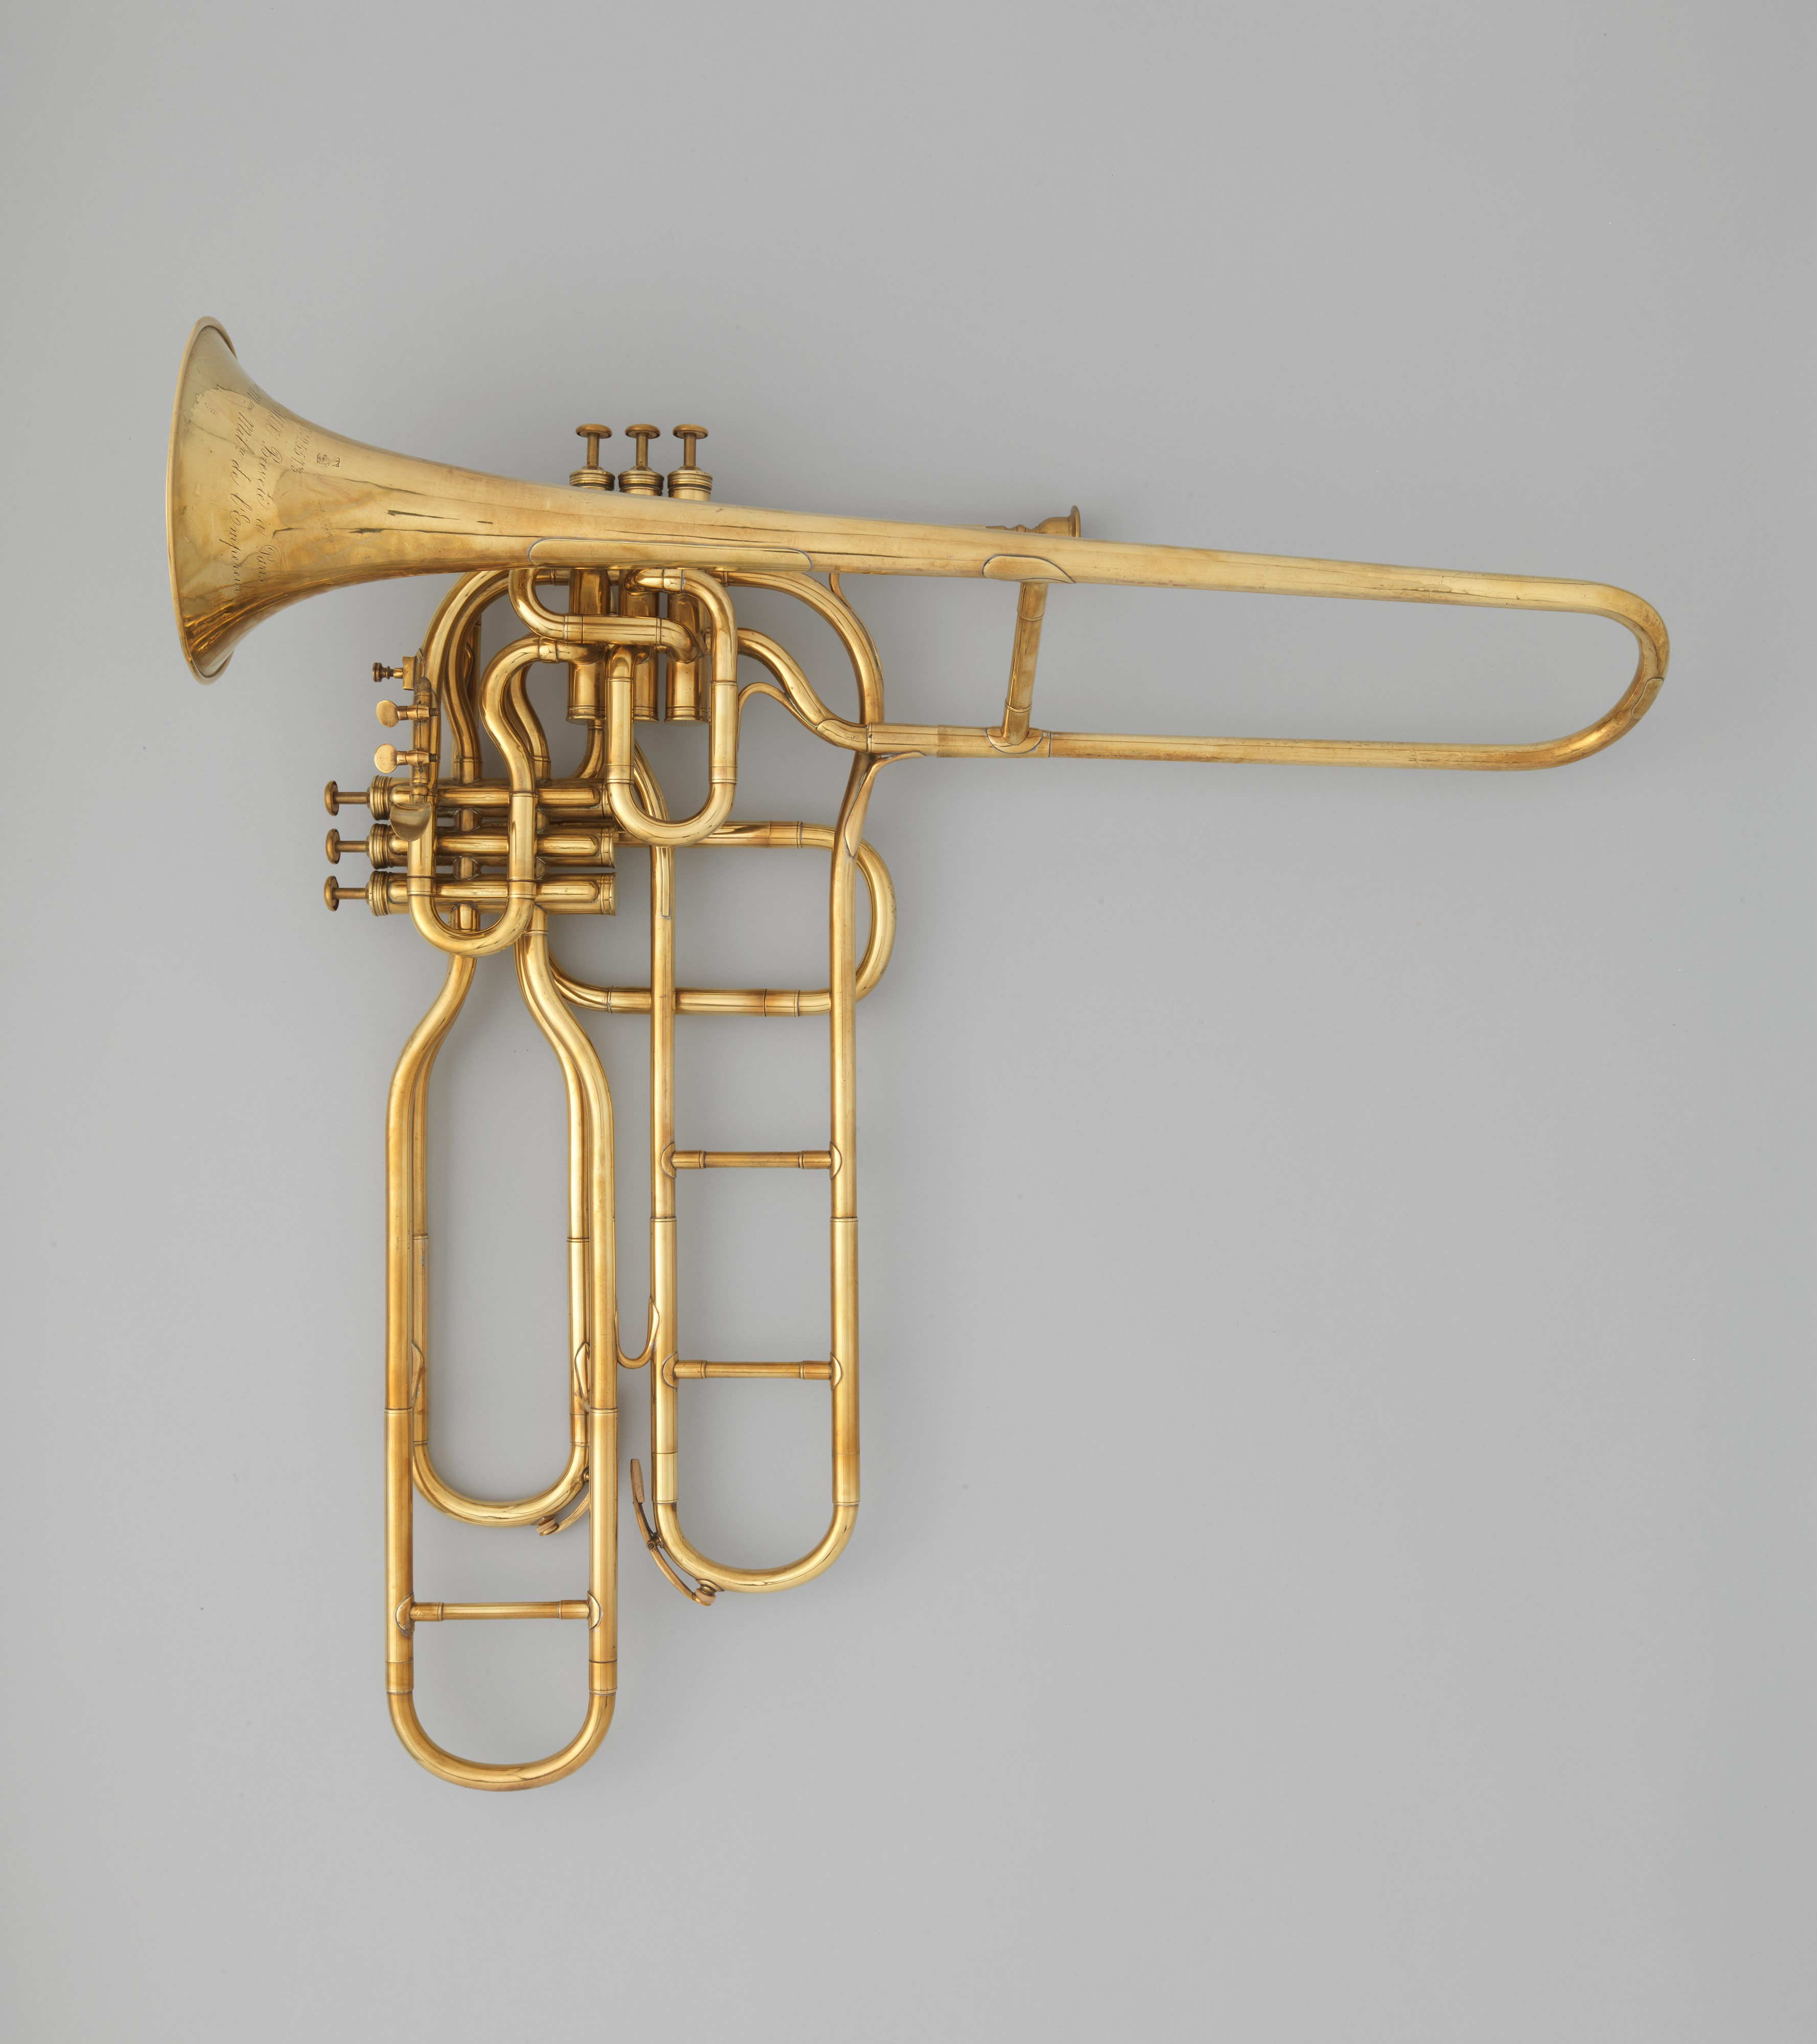 DP331005 adolphe (antoine joseph) sax tenor valve trombone french the met